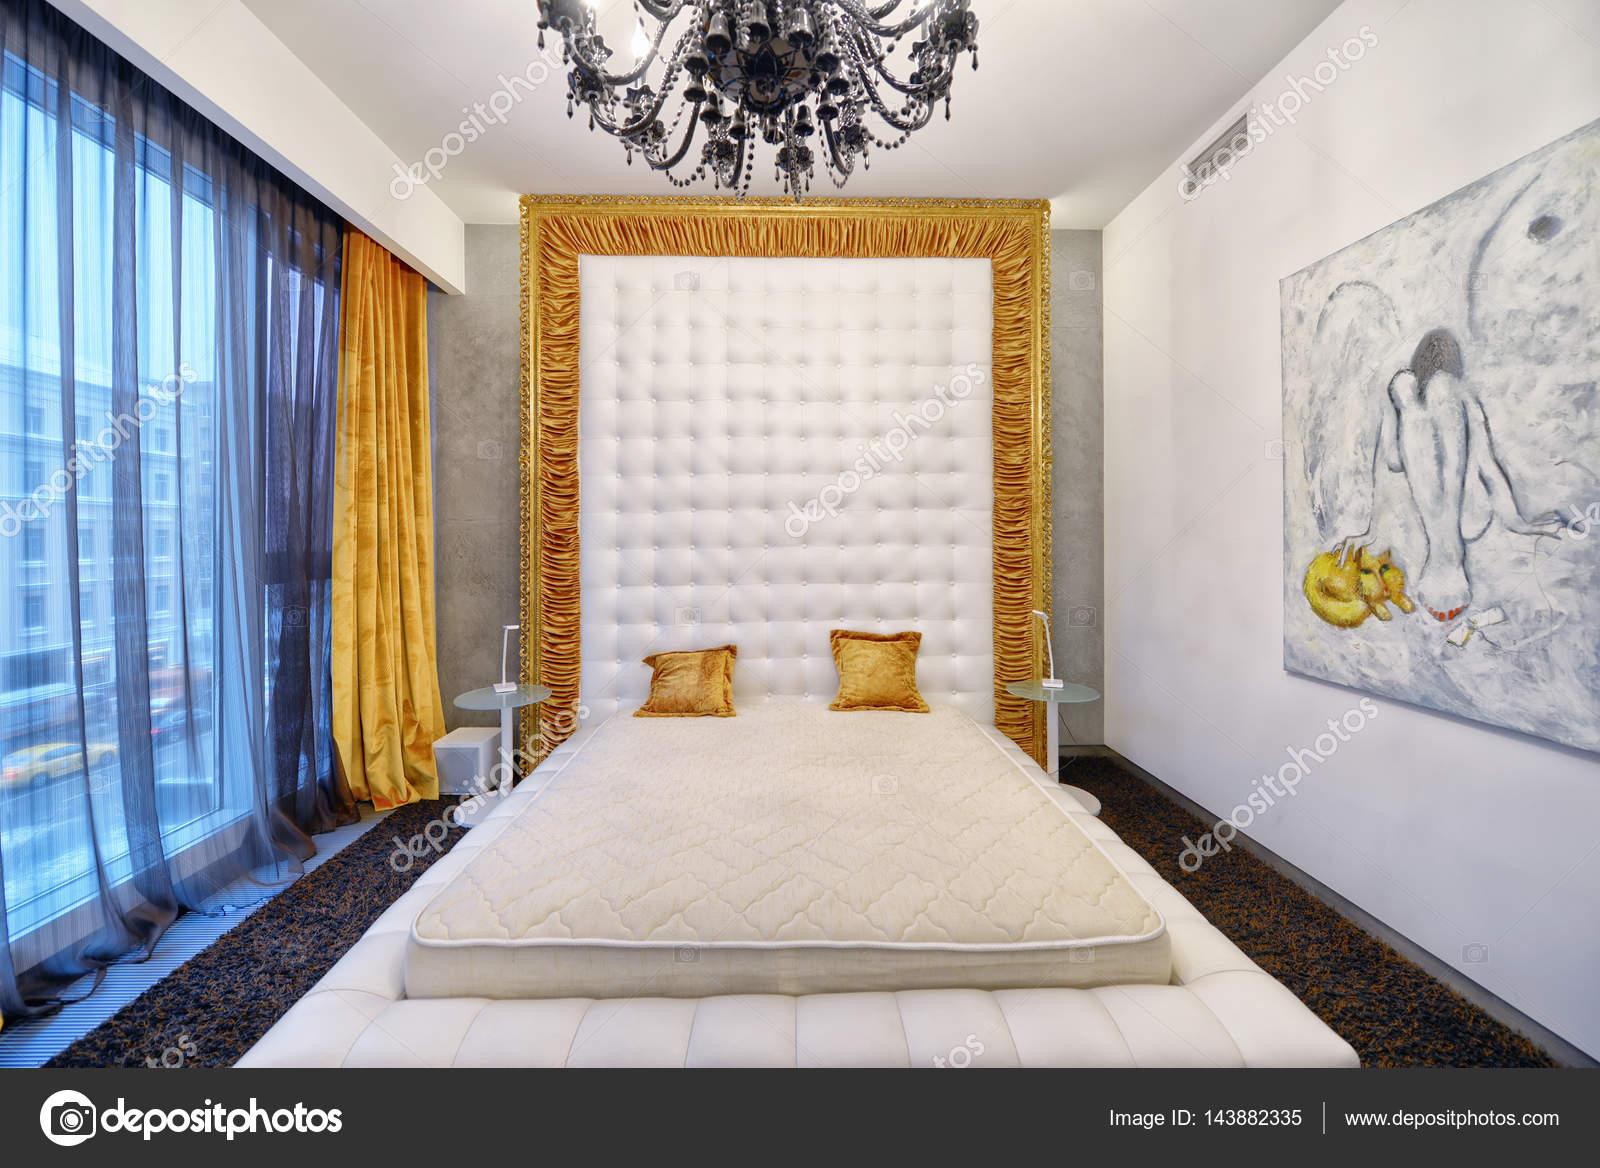 Arredamento moderno camera da letto città immobiliare — Foto Stock ...